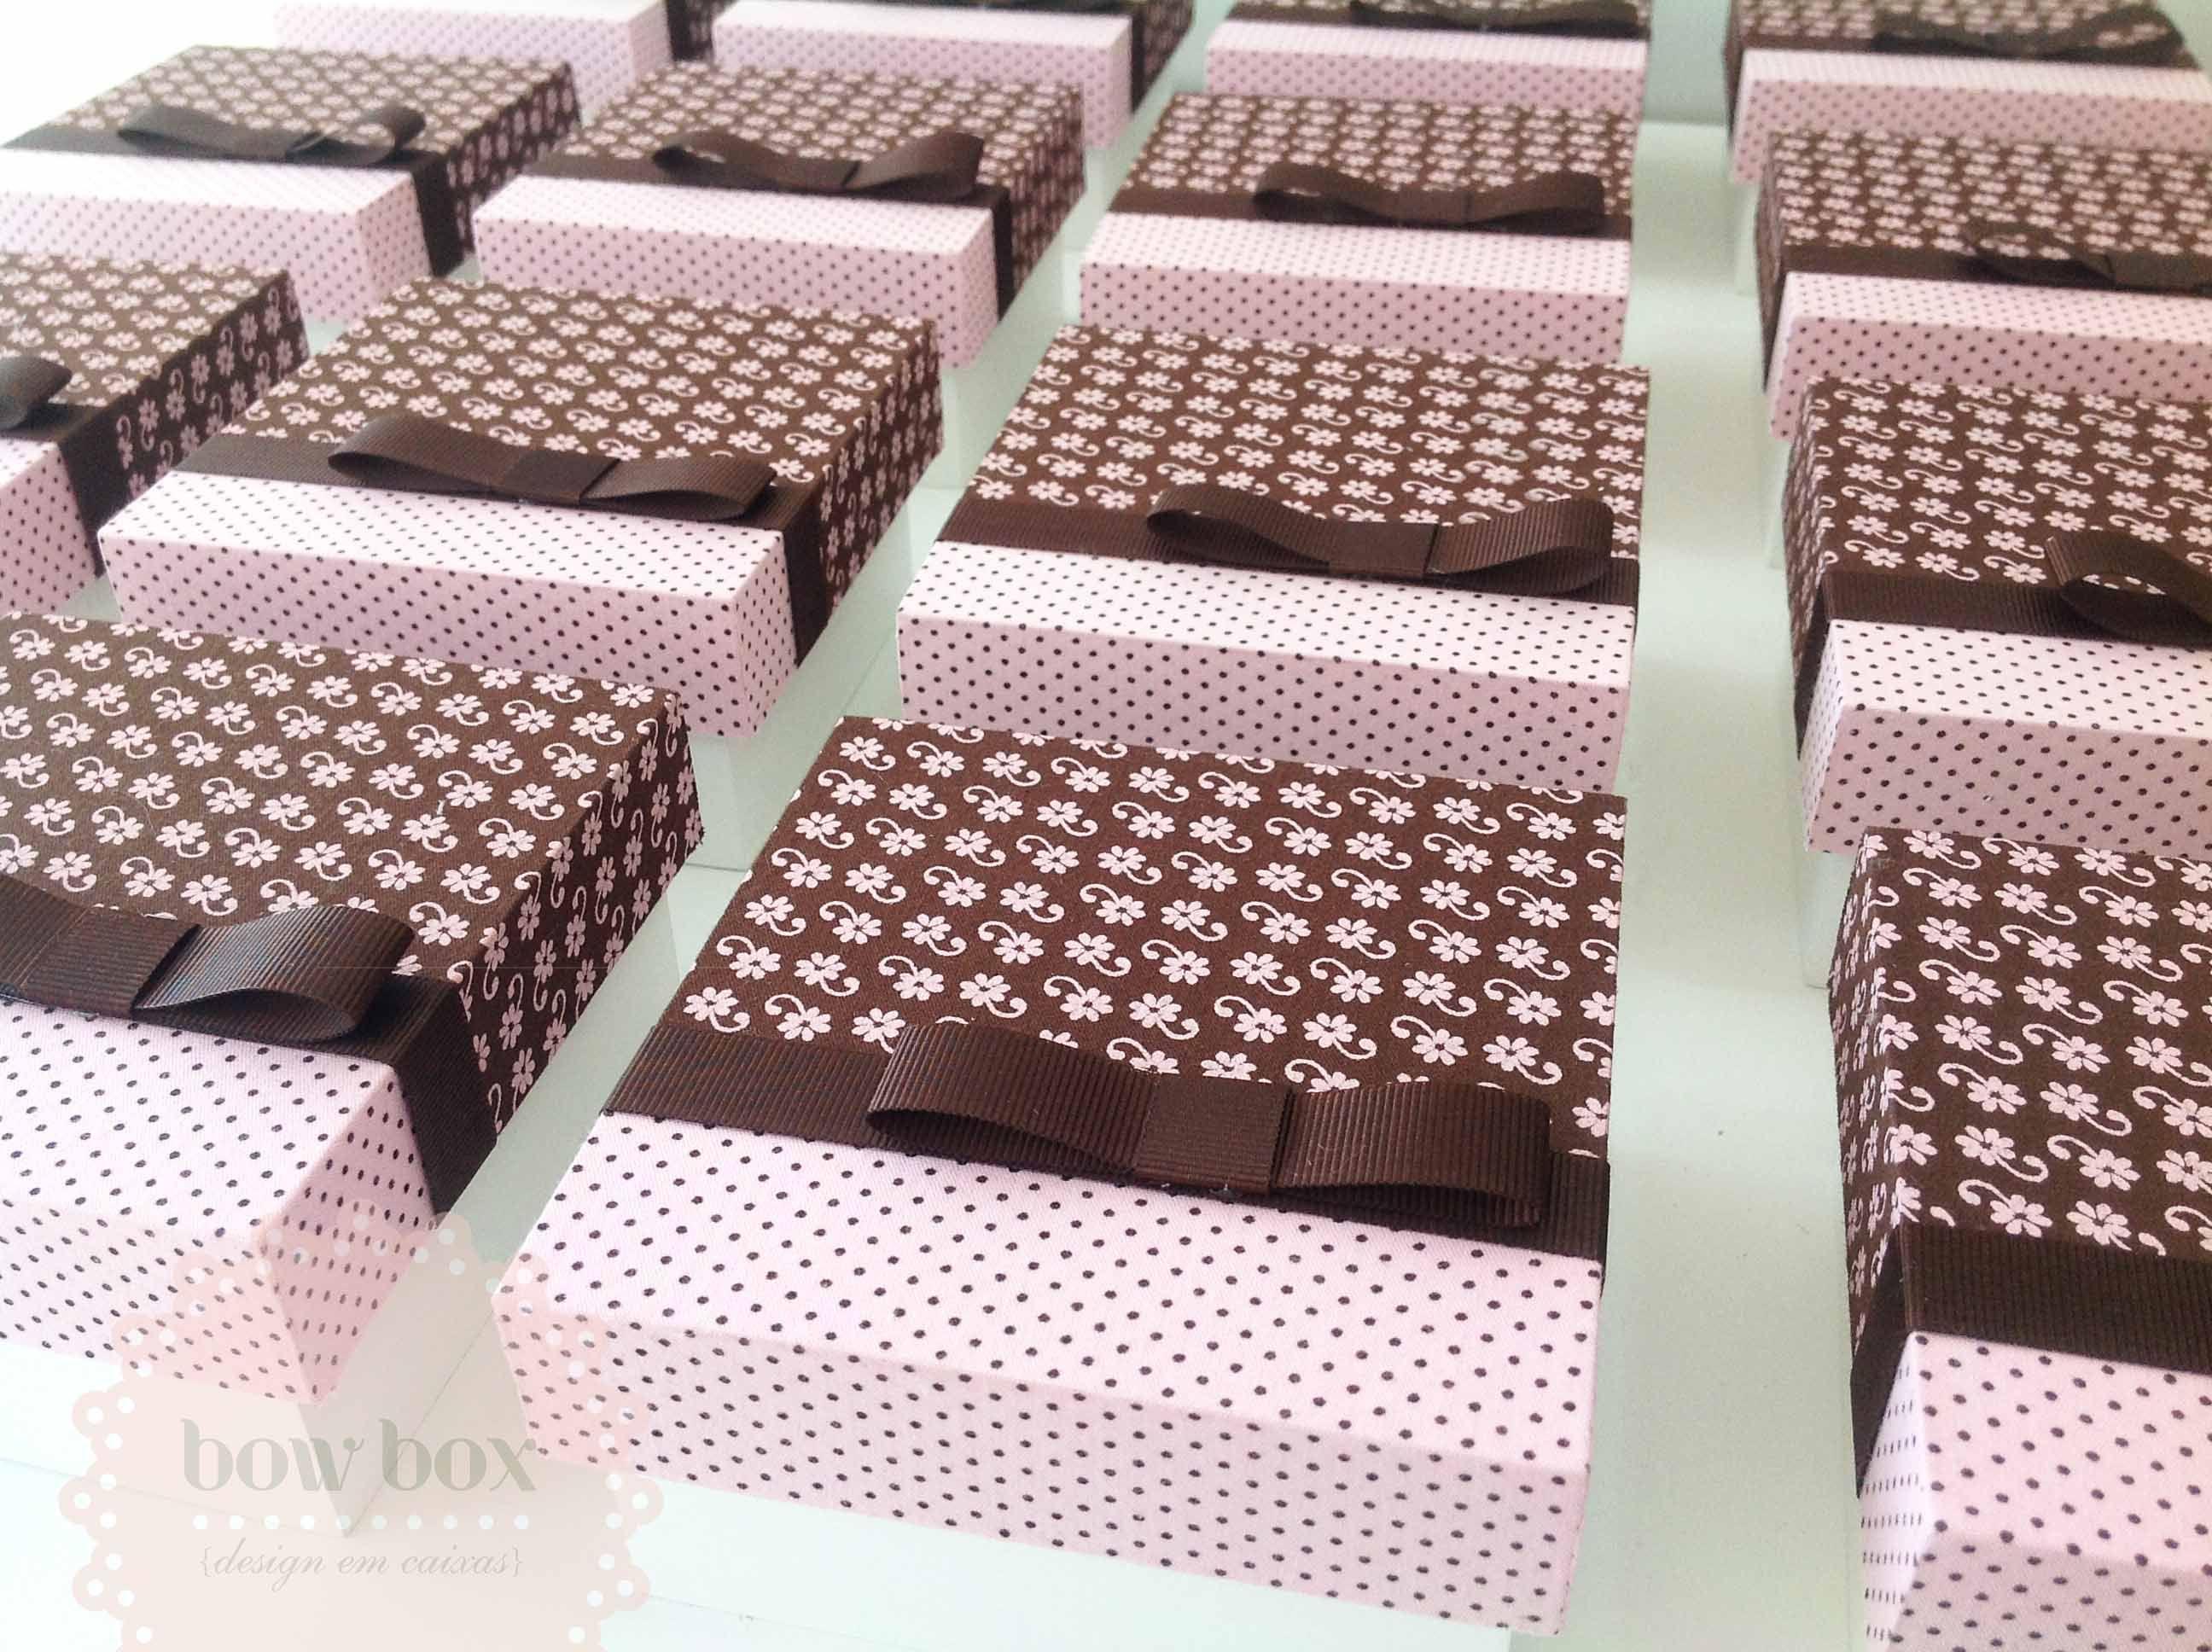 Caixas de Madeira Forradas de Tecido cartonnage Pinterest #65433C 2592x1936